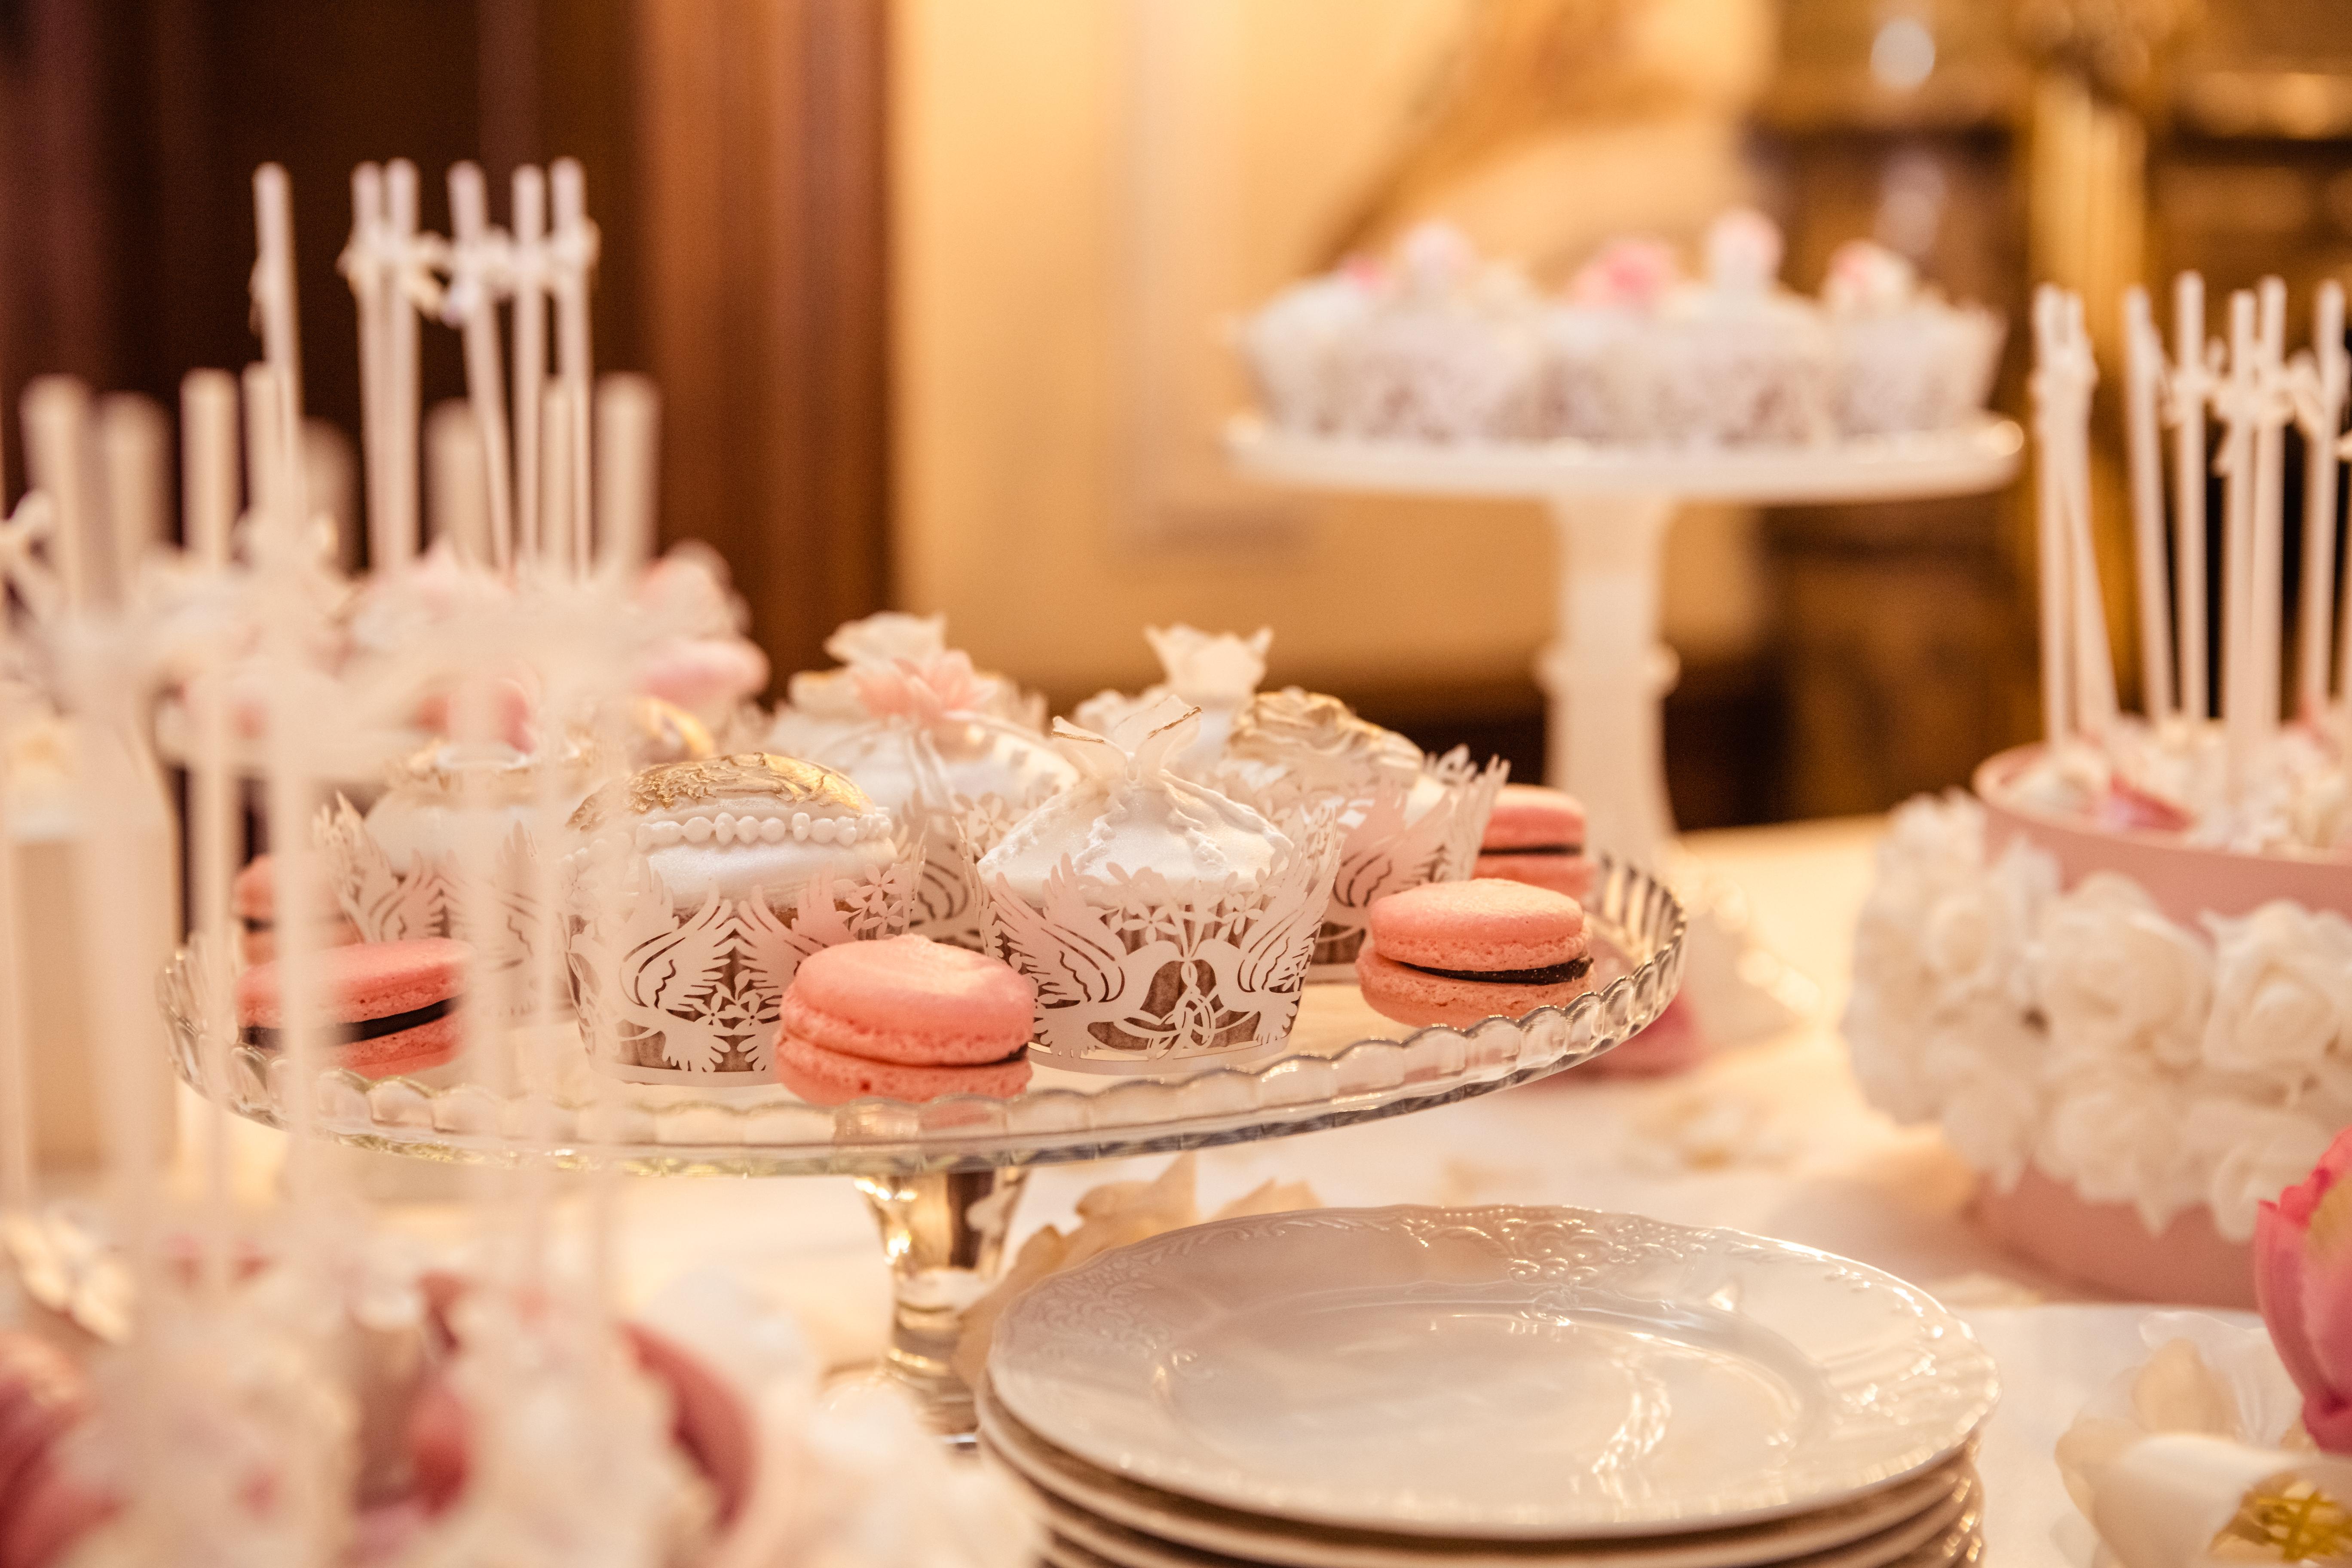 Еда на свадебном столе: ДА или НЕТ?